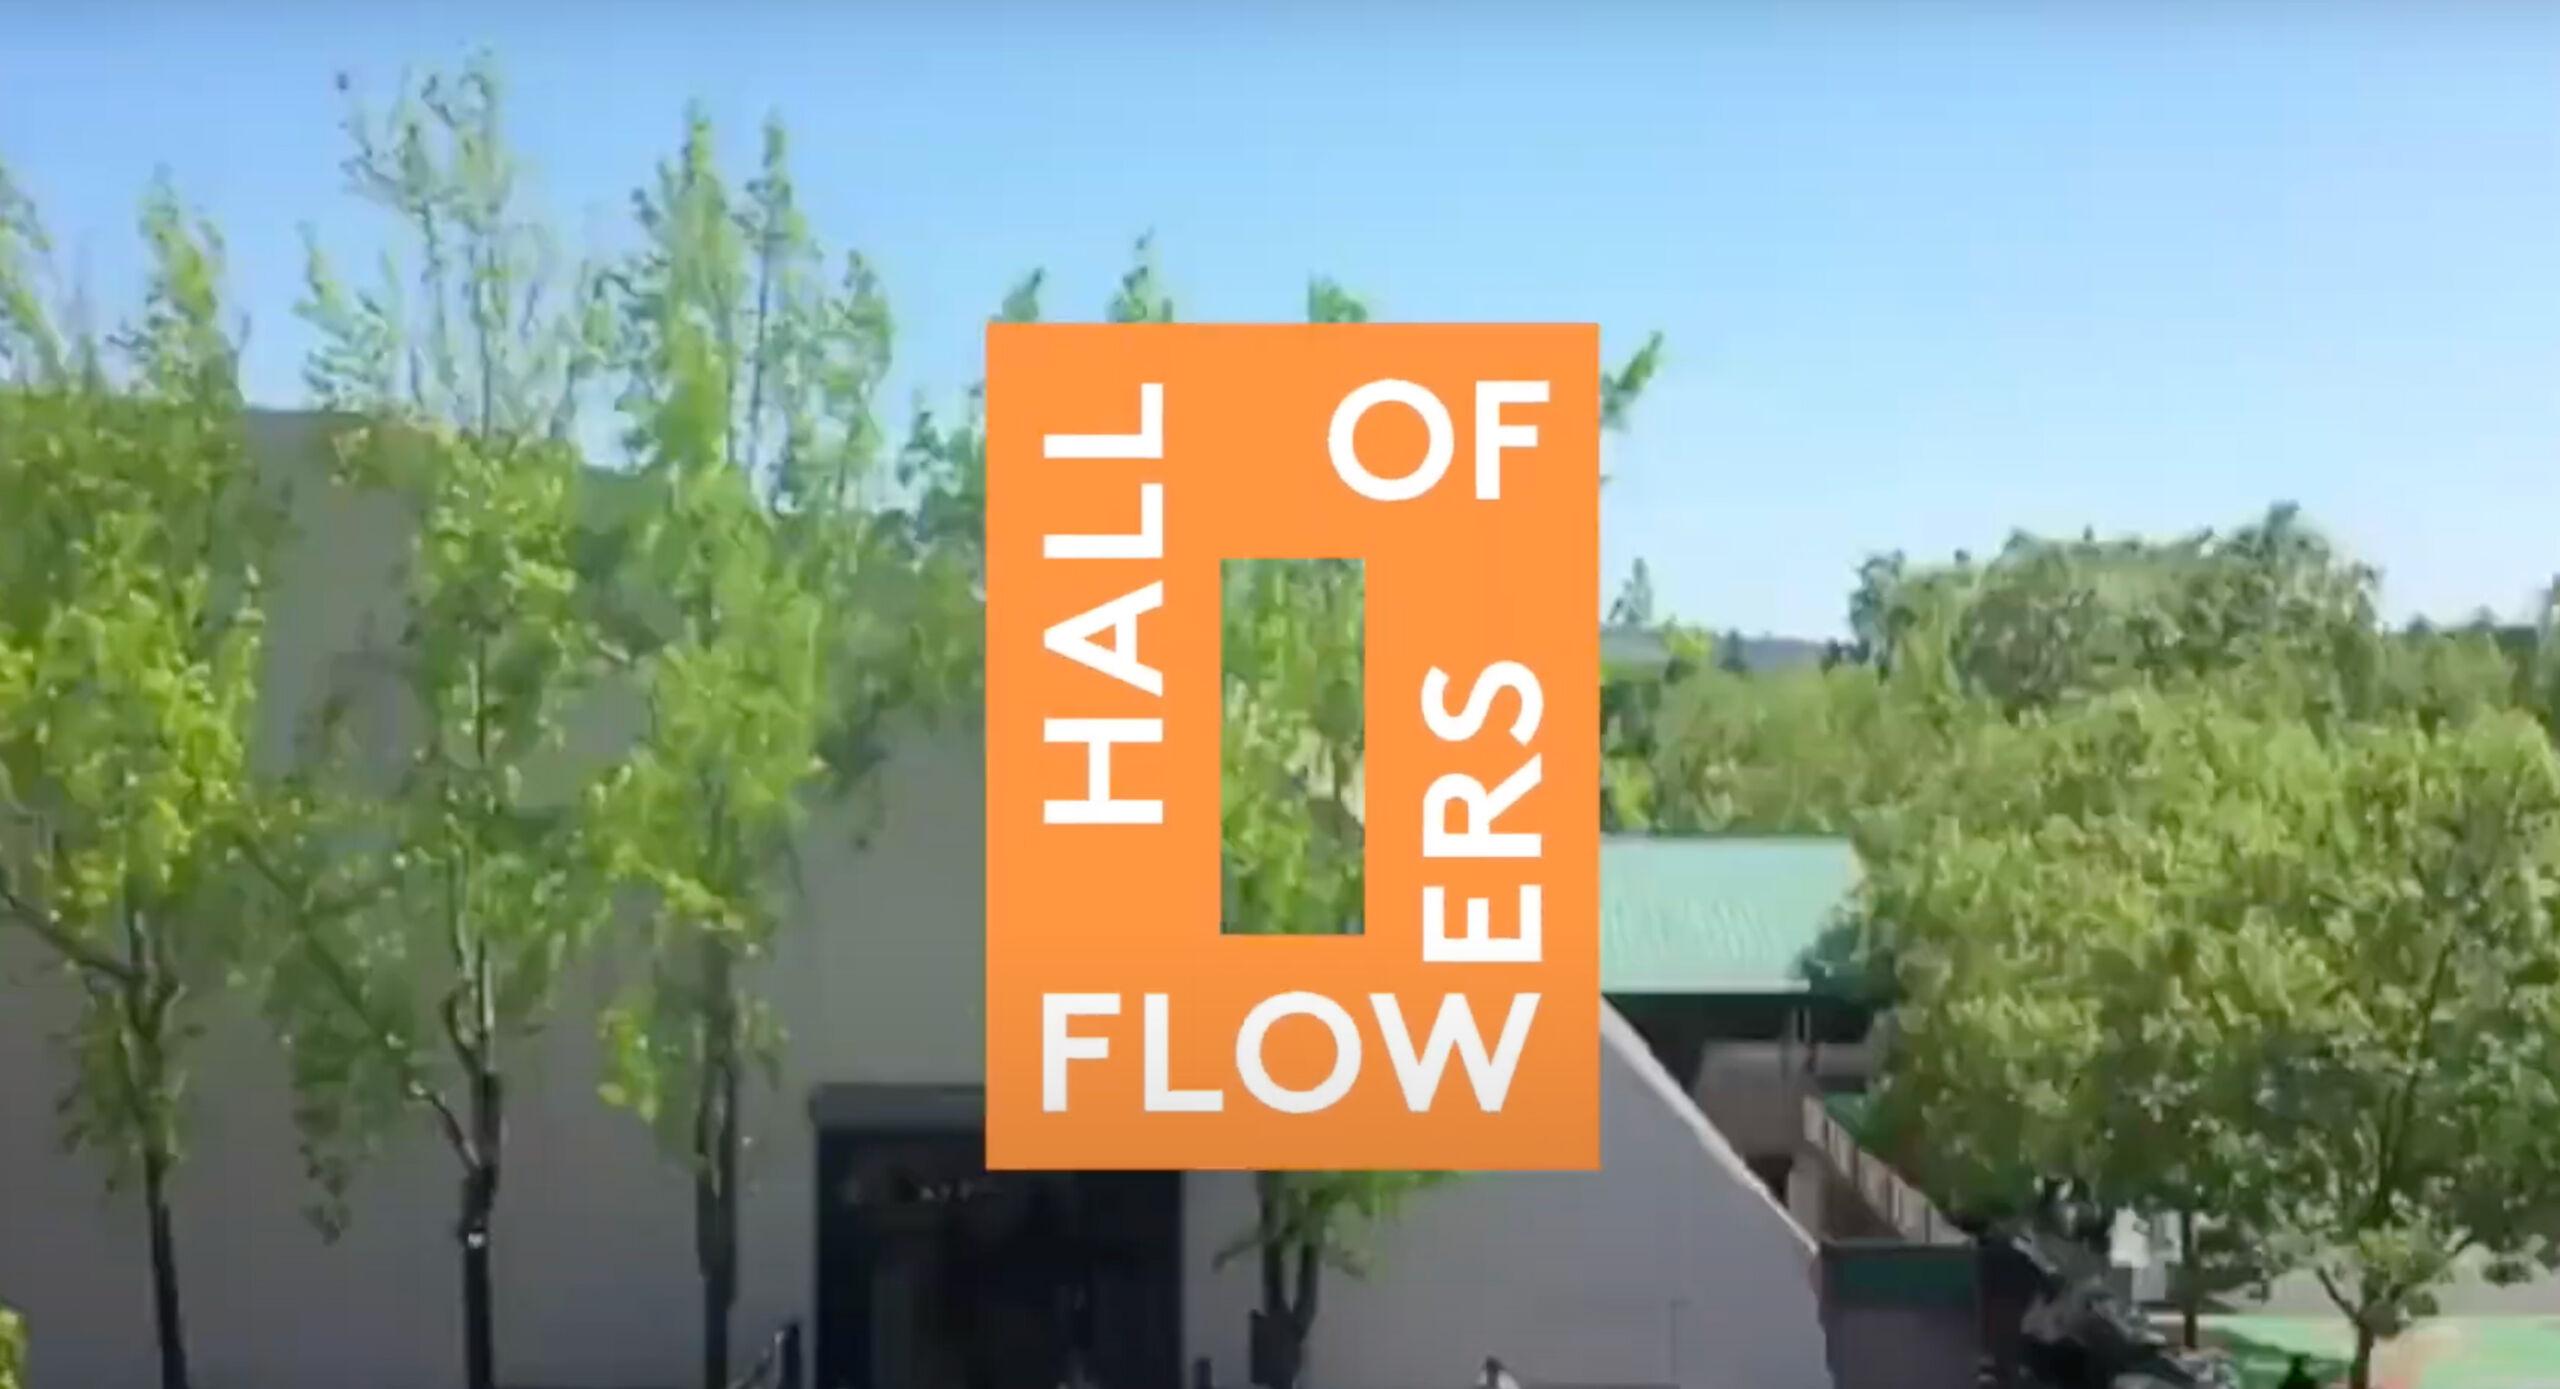 Hall of Flowers (Santa Rosa, CA)